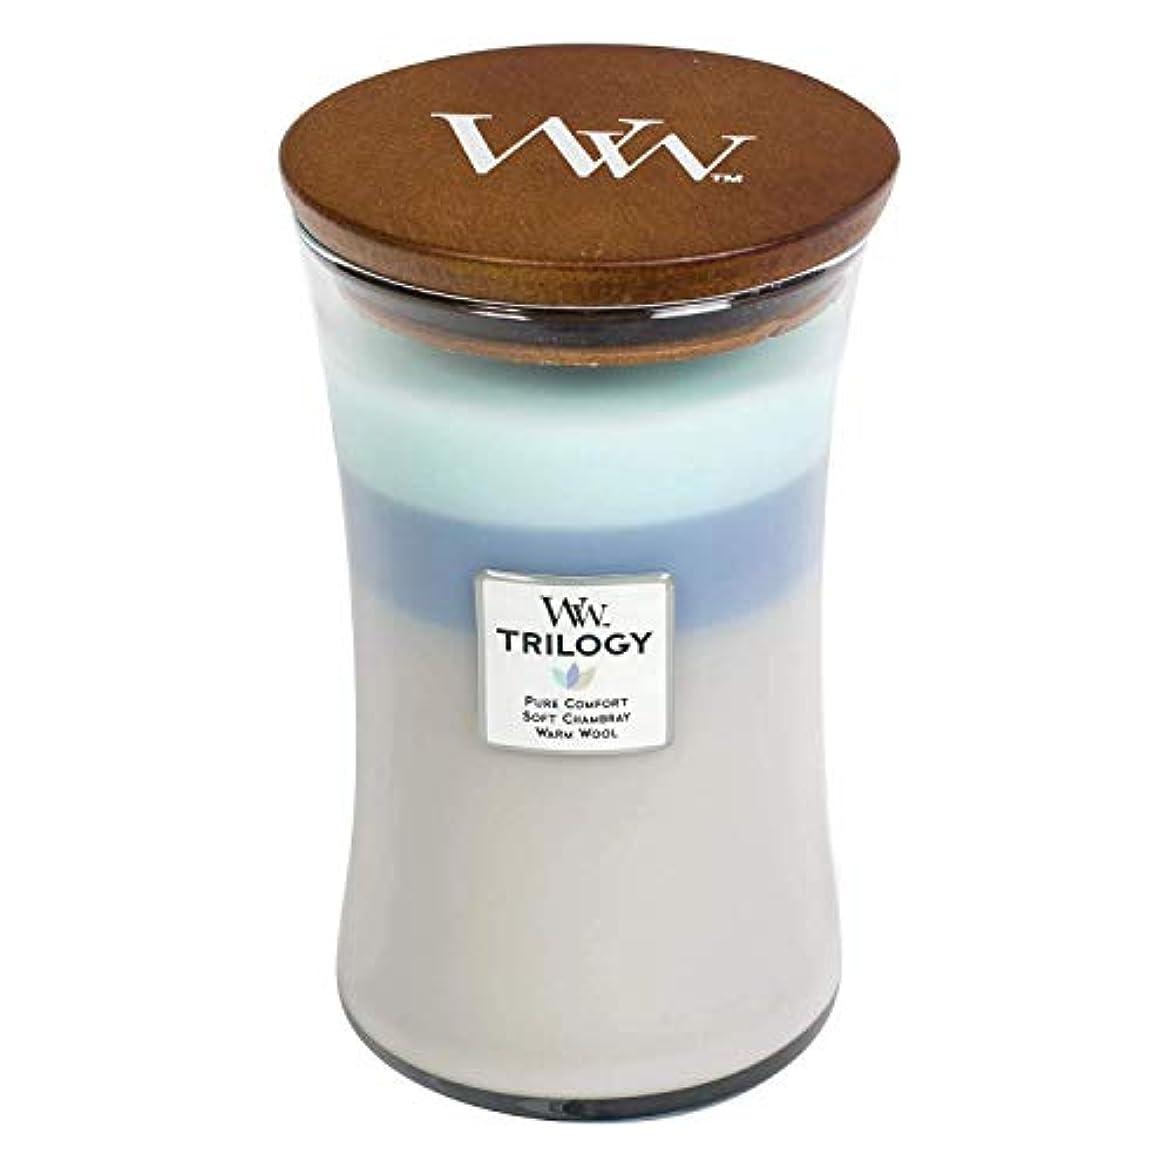 も開梱フィッティングWoven Comforts WoodWick Trilogy 22オンス香りつきJarキャンドル – 3 in 1つ